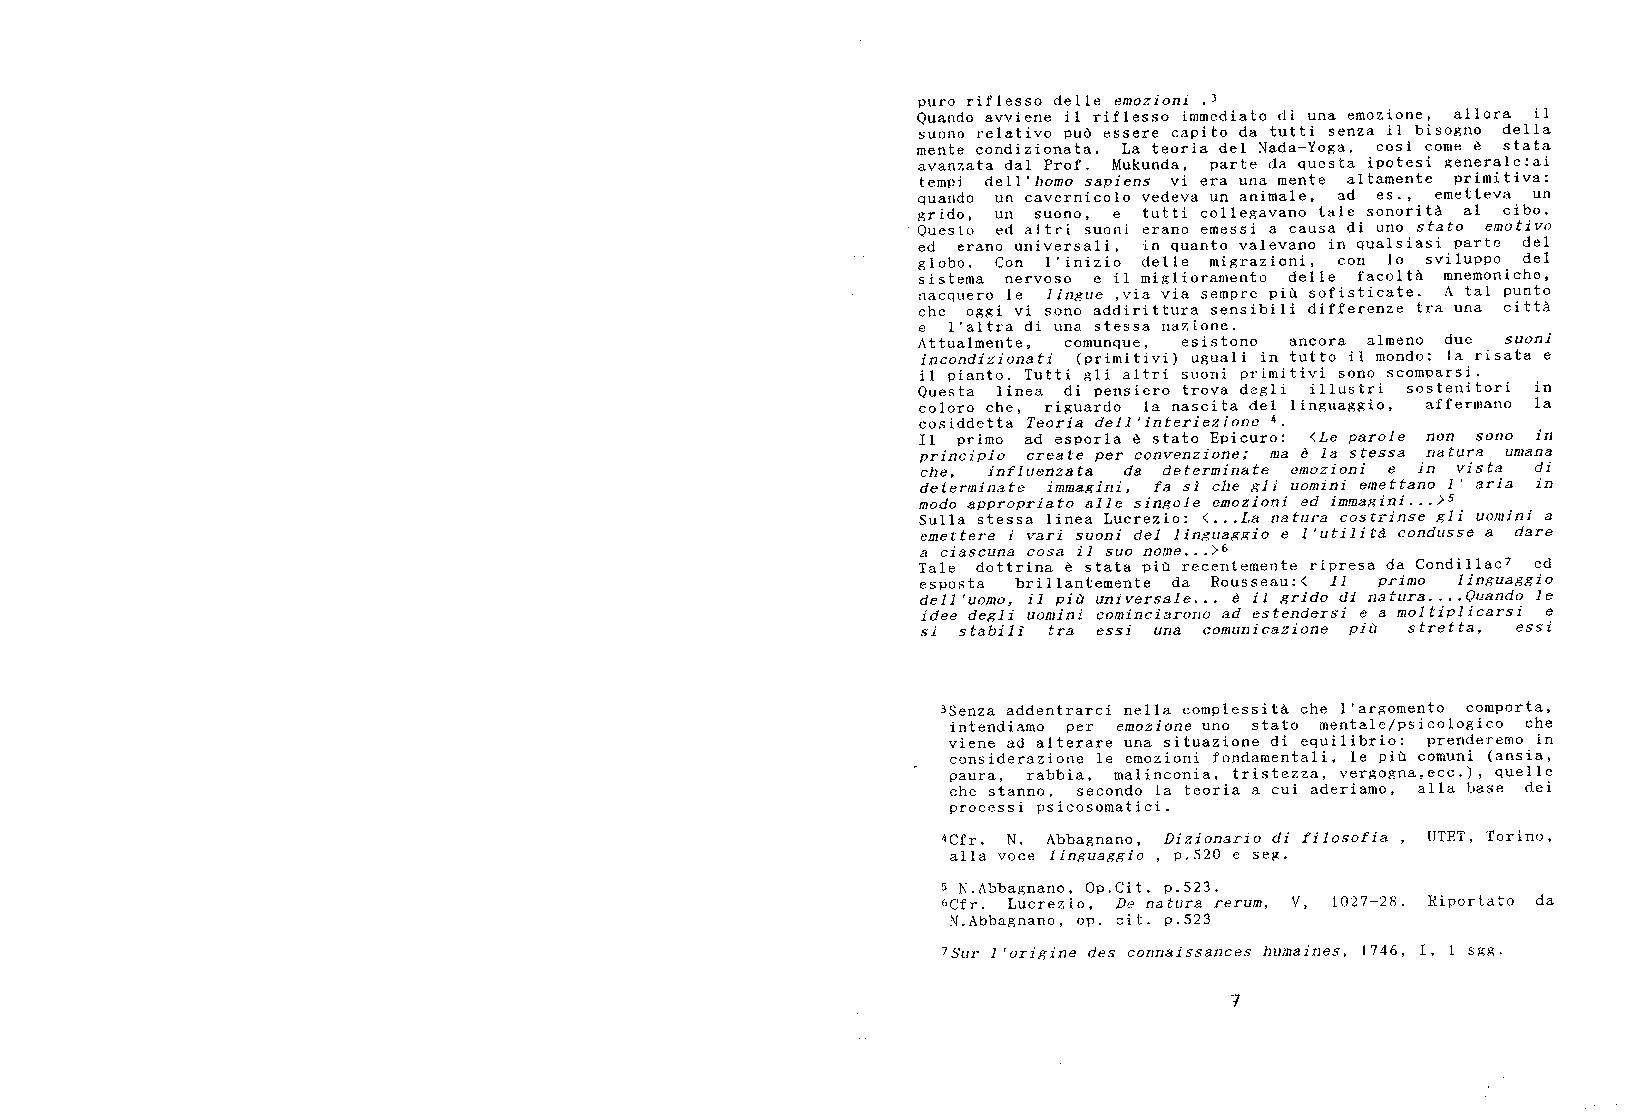 Anteprima della tesi: Le tecniche del nada-yoga nella pratica musicoterapeutica, Pagina 7